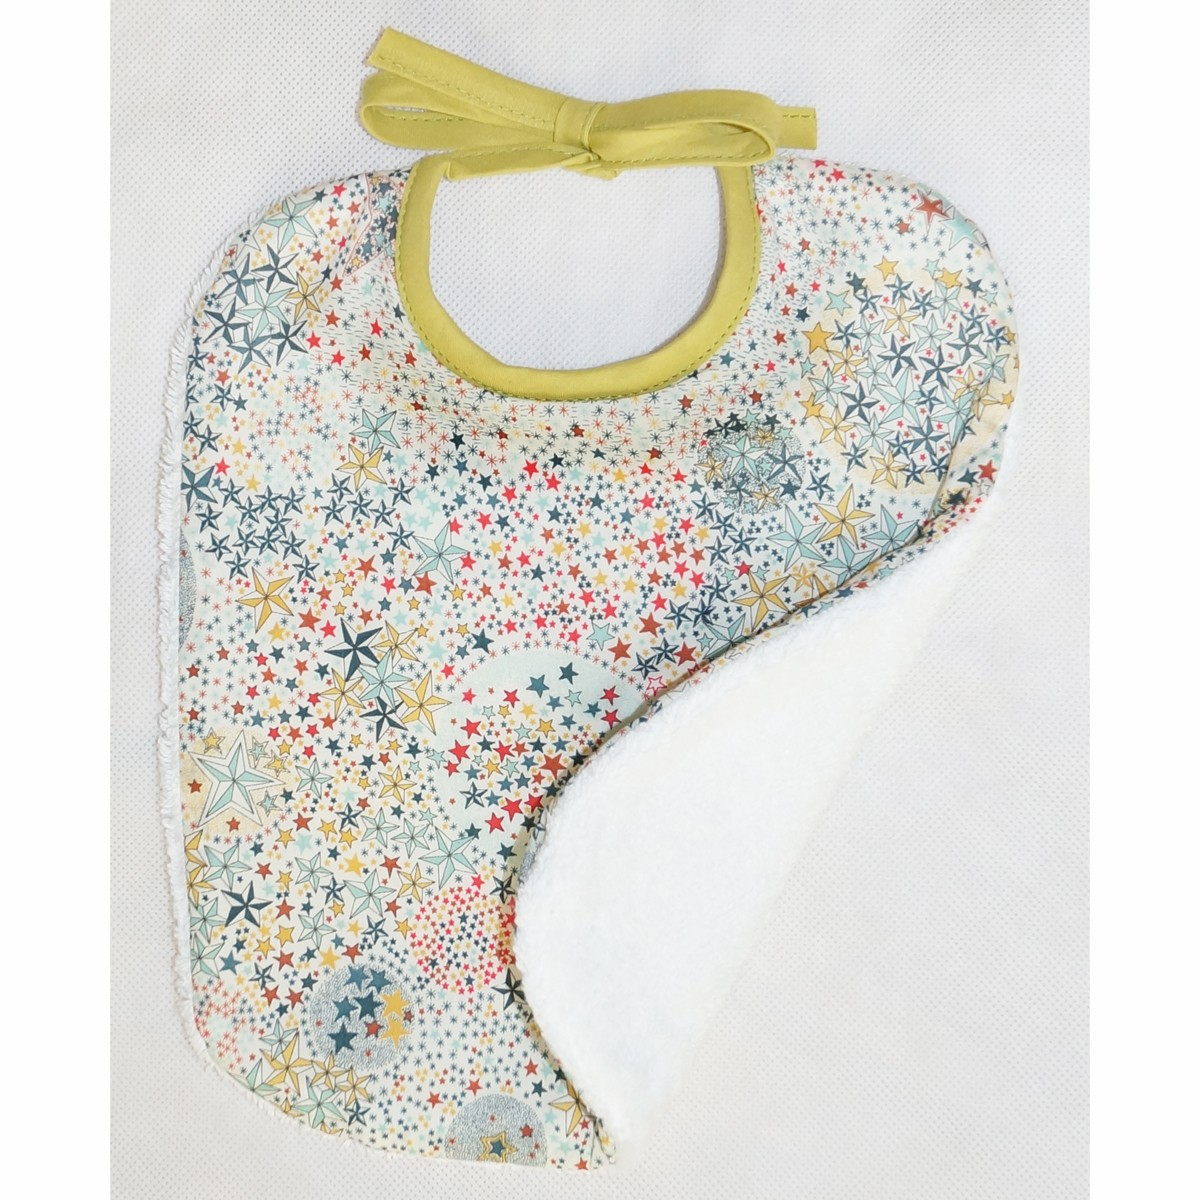 Bavoir bébé Etoiles Multicolores